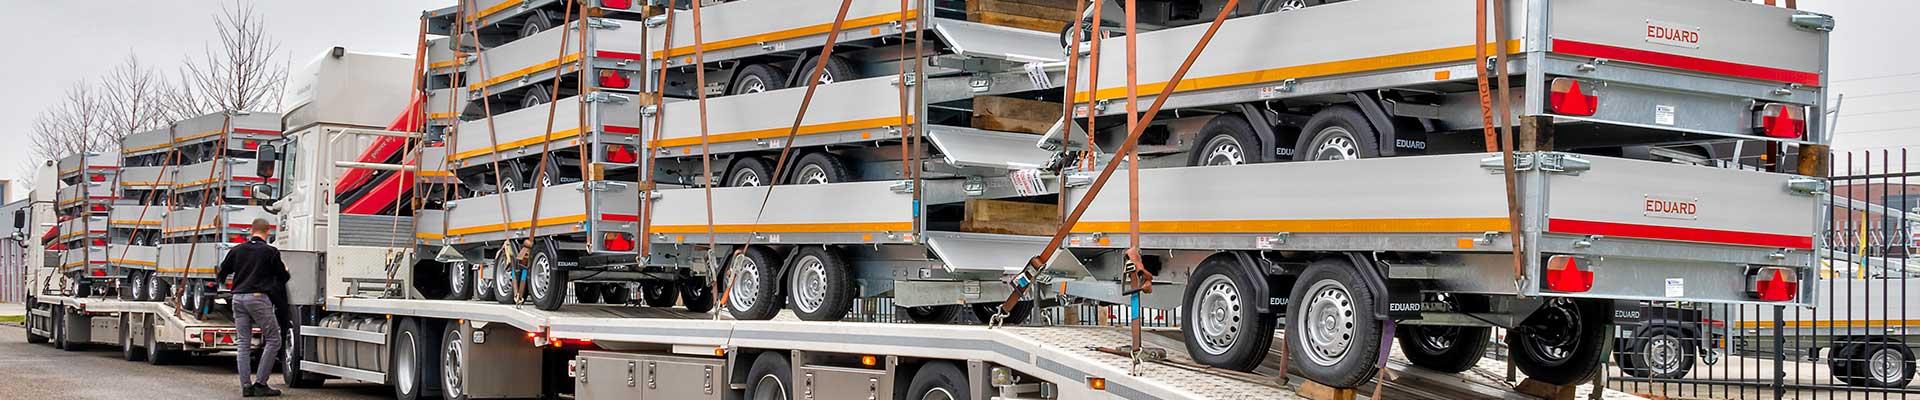 Twee vrachtwagens met nieuwe aanhangwagens voor de voorraad